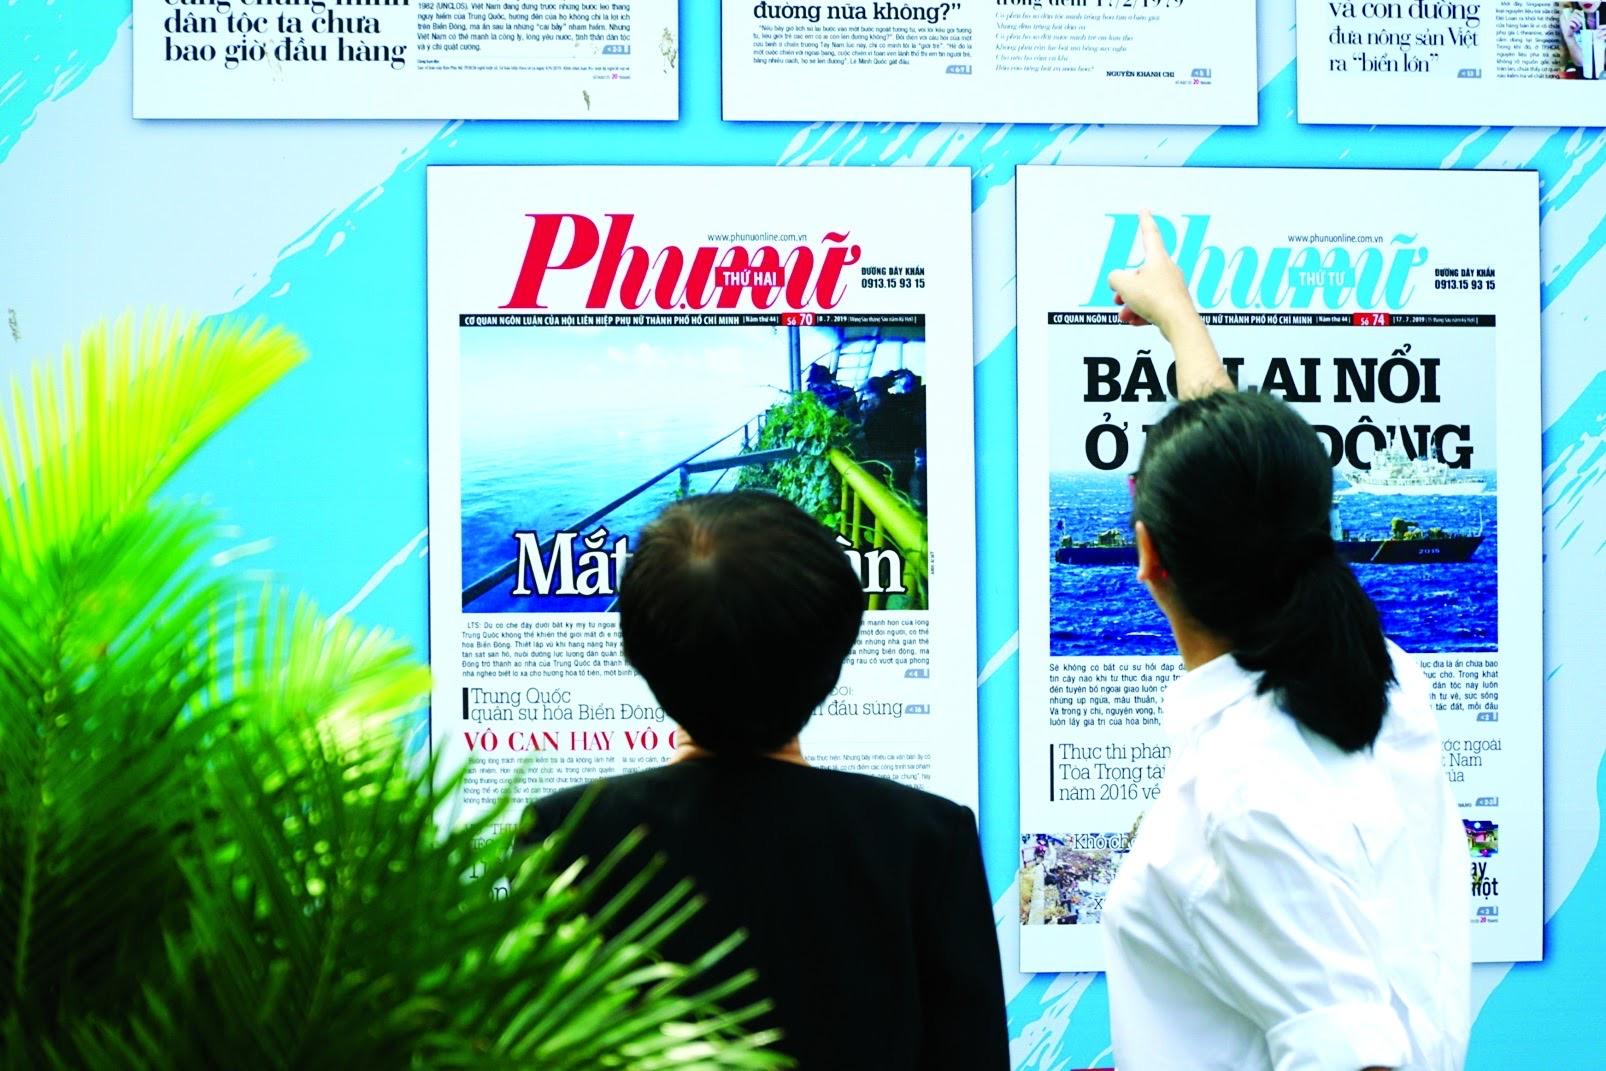 Tổng biên tập Lê Huyền Ái Mỹ đang chia sẻ về ý tưởng làm những poster kỷ niệm sinh nhật báo với nguyên Tổng biên tập Nguyễn Thế Thanh